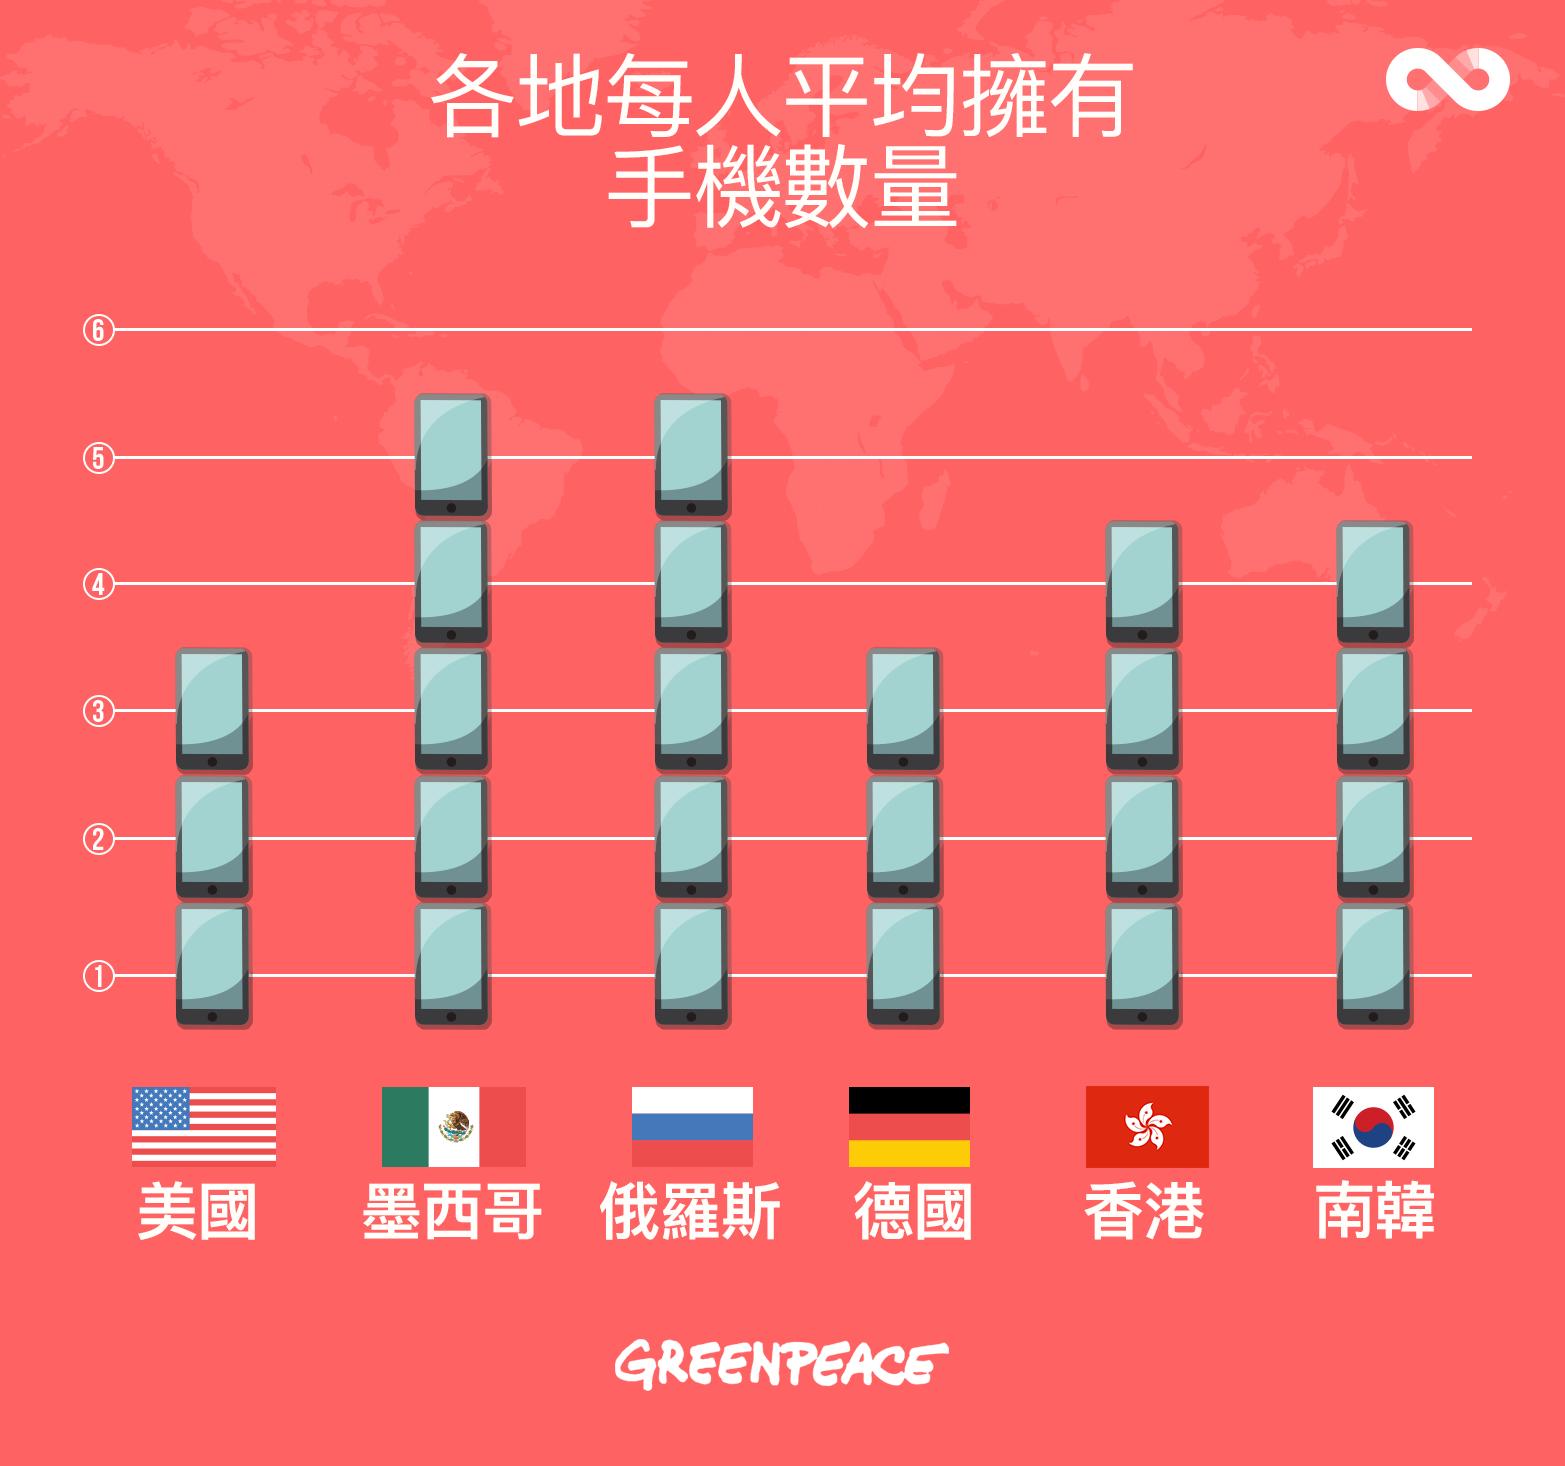 綠色和平最近發表「全球智能手機用戶使用習慣及態度調查」,發現港人平均擁有逾 4 部手機。